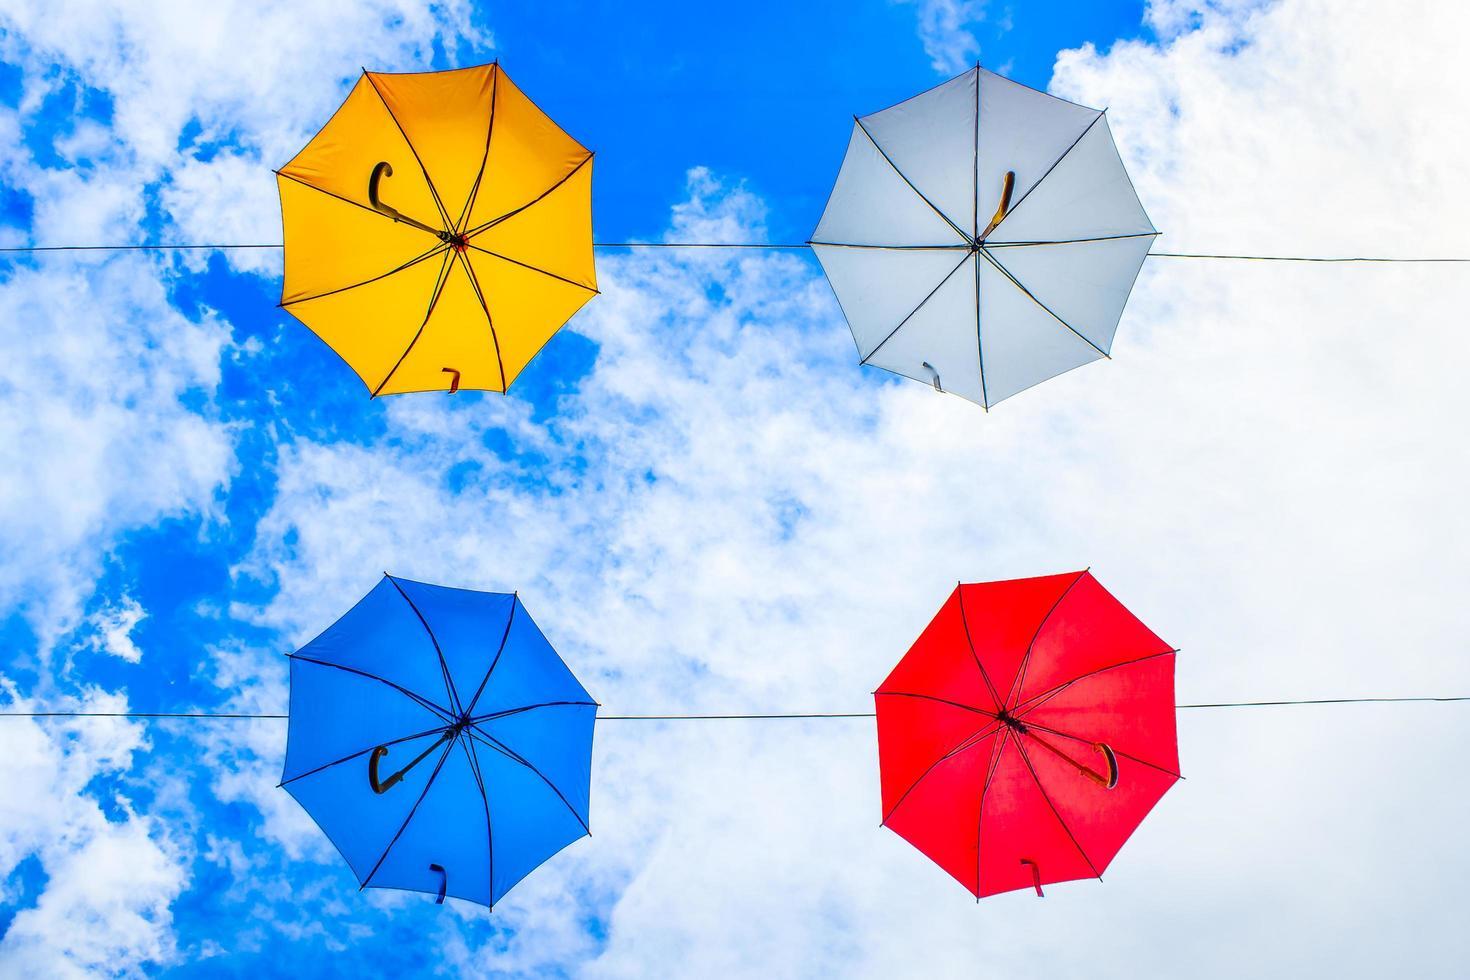 Quatre parapluies de couleurs assorties accrochés à un câble sous un ciel nuageux photo